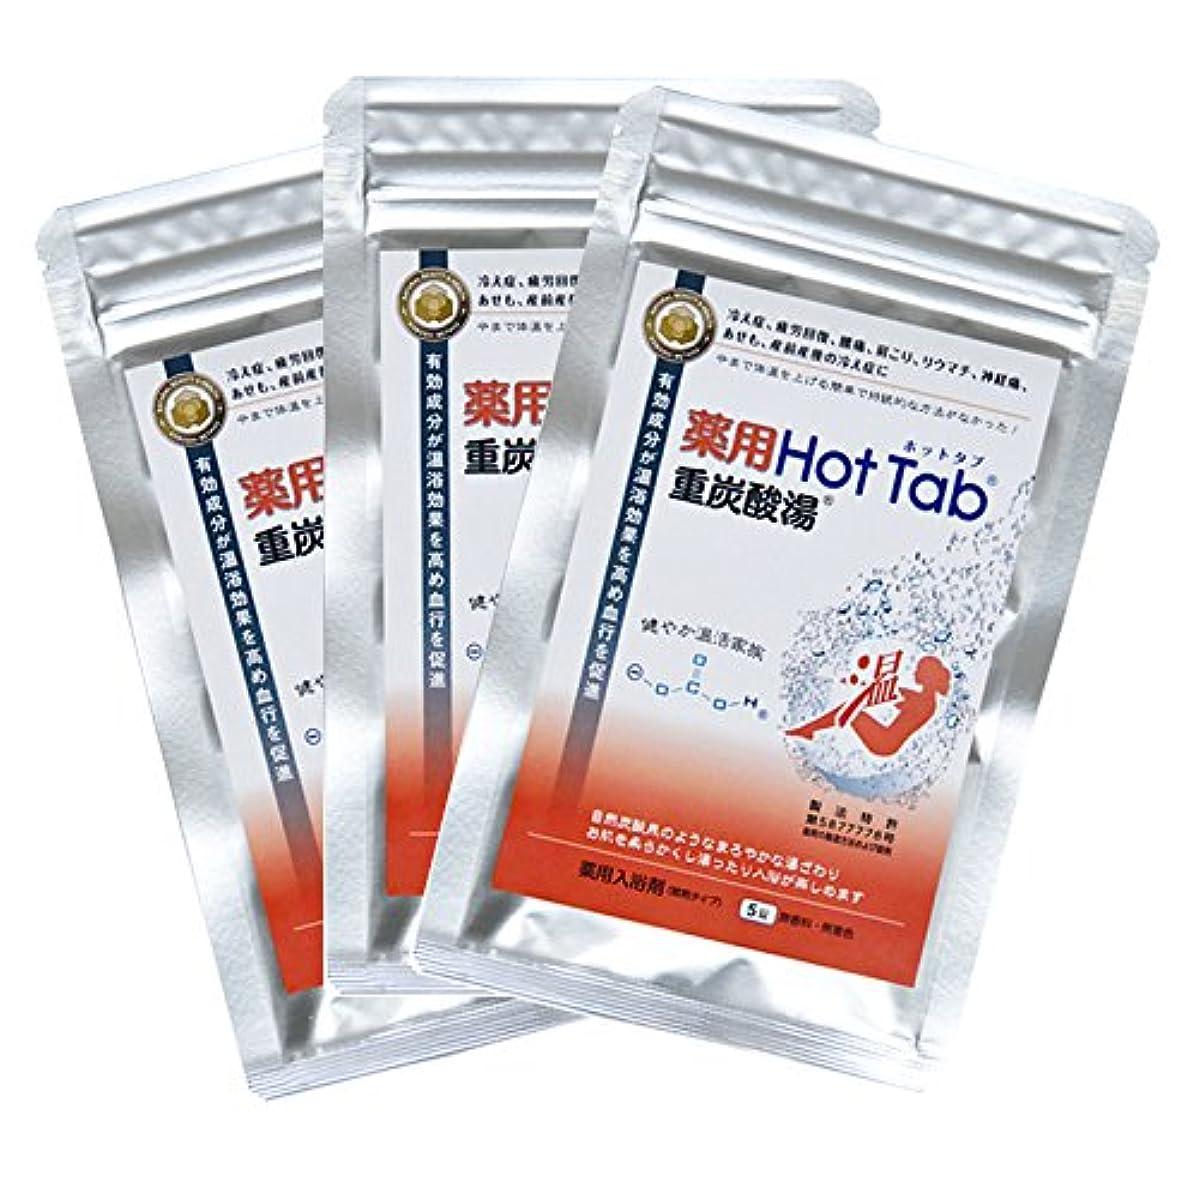 リベラル確かに送る薬用 Hot Tab 重炭酸湯 5錠入りx3セット